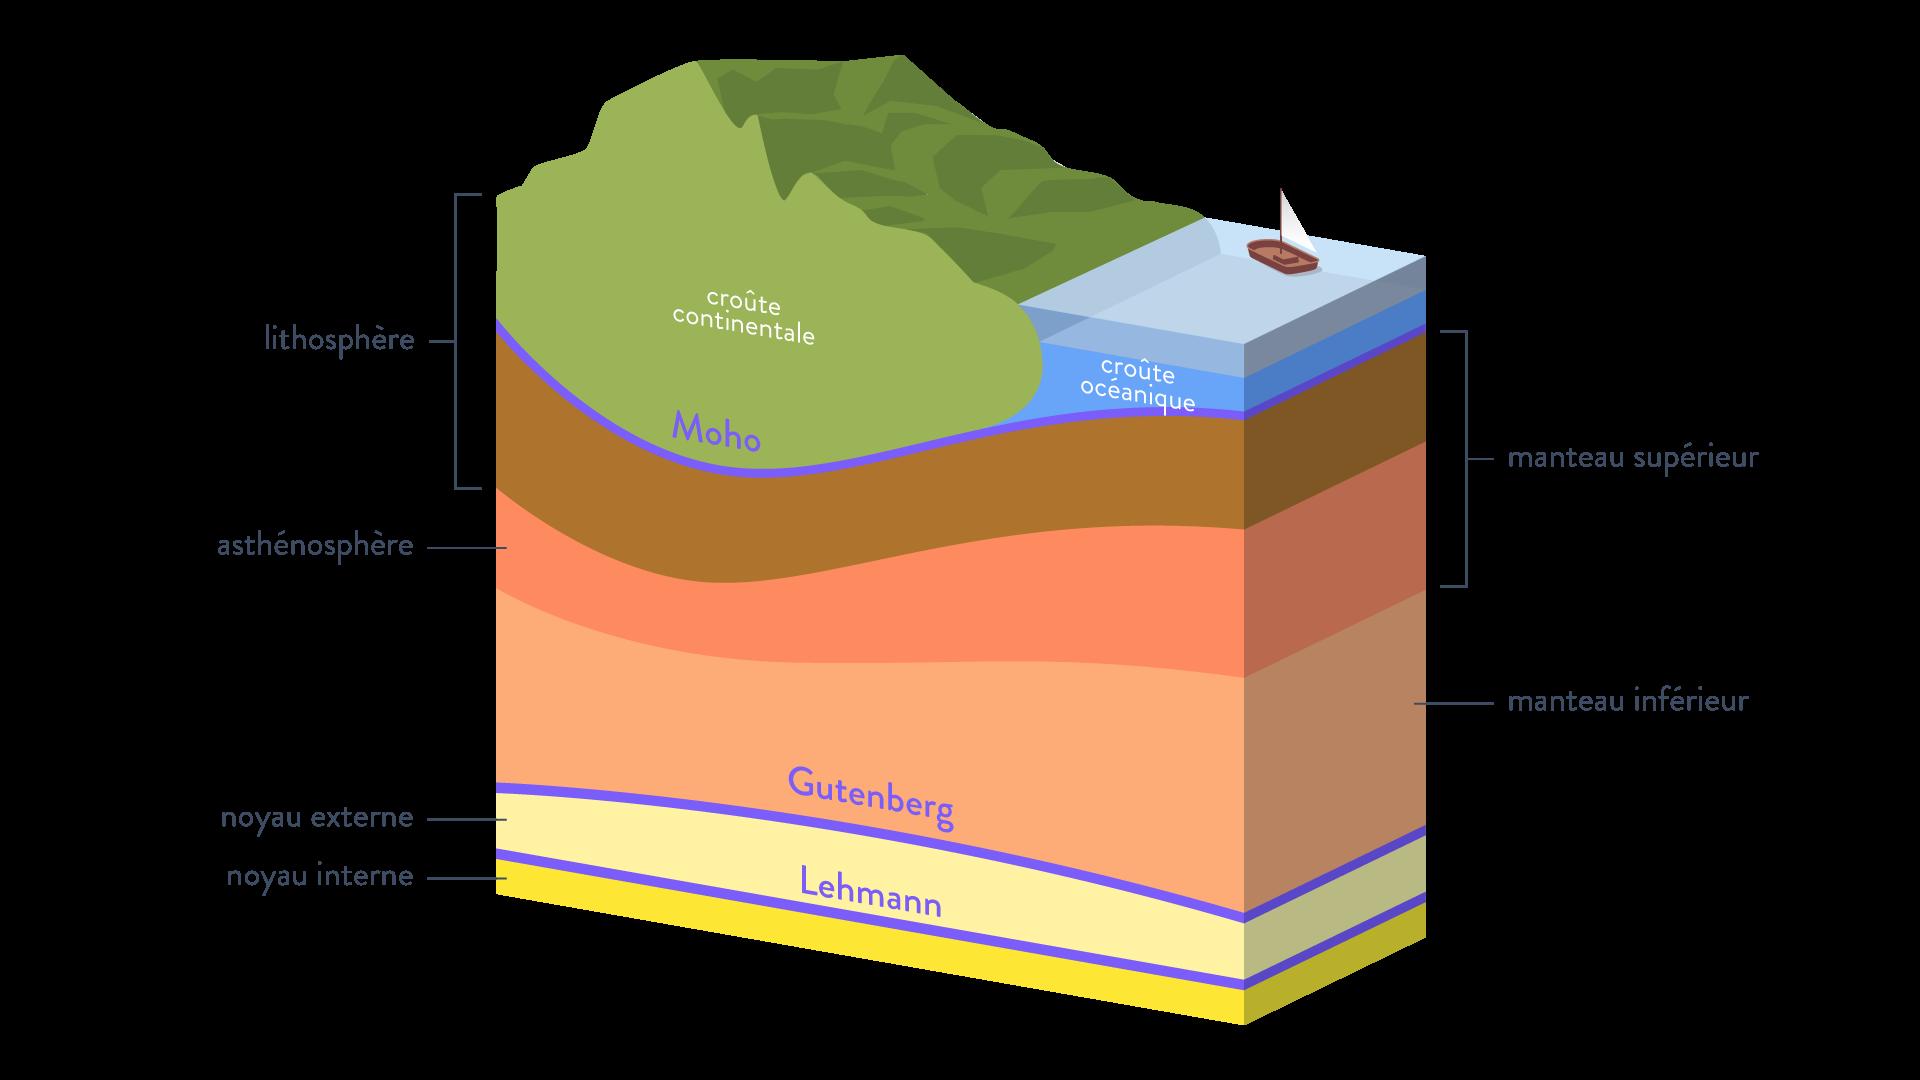 Les couches internes de la terre croûte océanique continentale lithosphère asthénosphère noyau externe interne manteau supérieur inférieur moho discontinuité gutenberg lehmann svt première